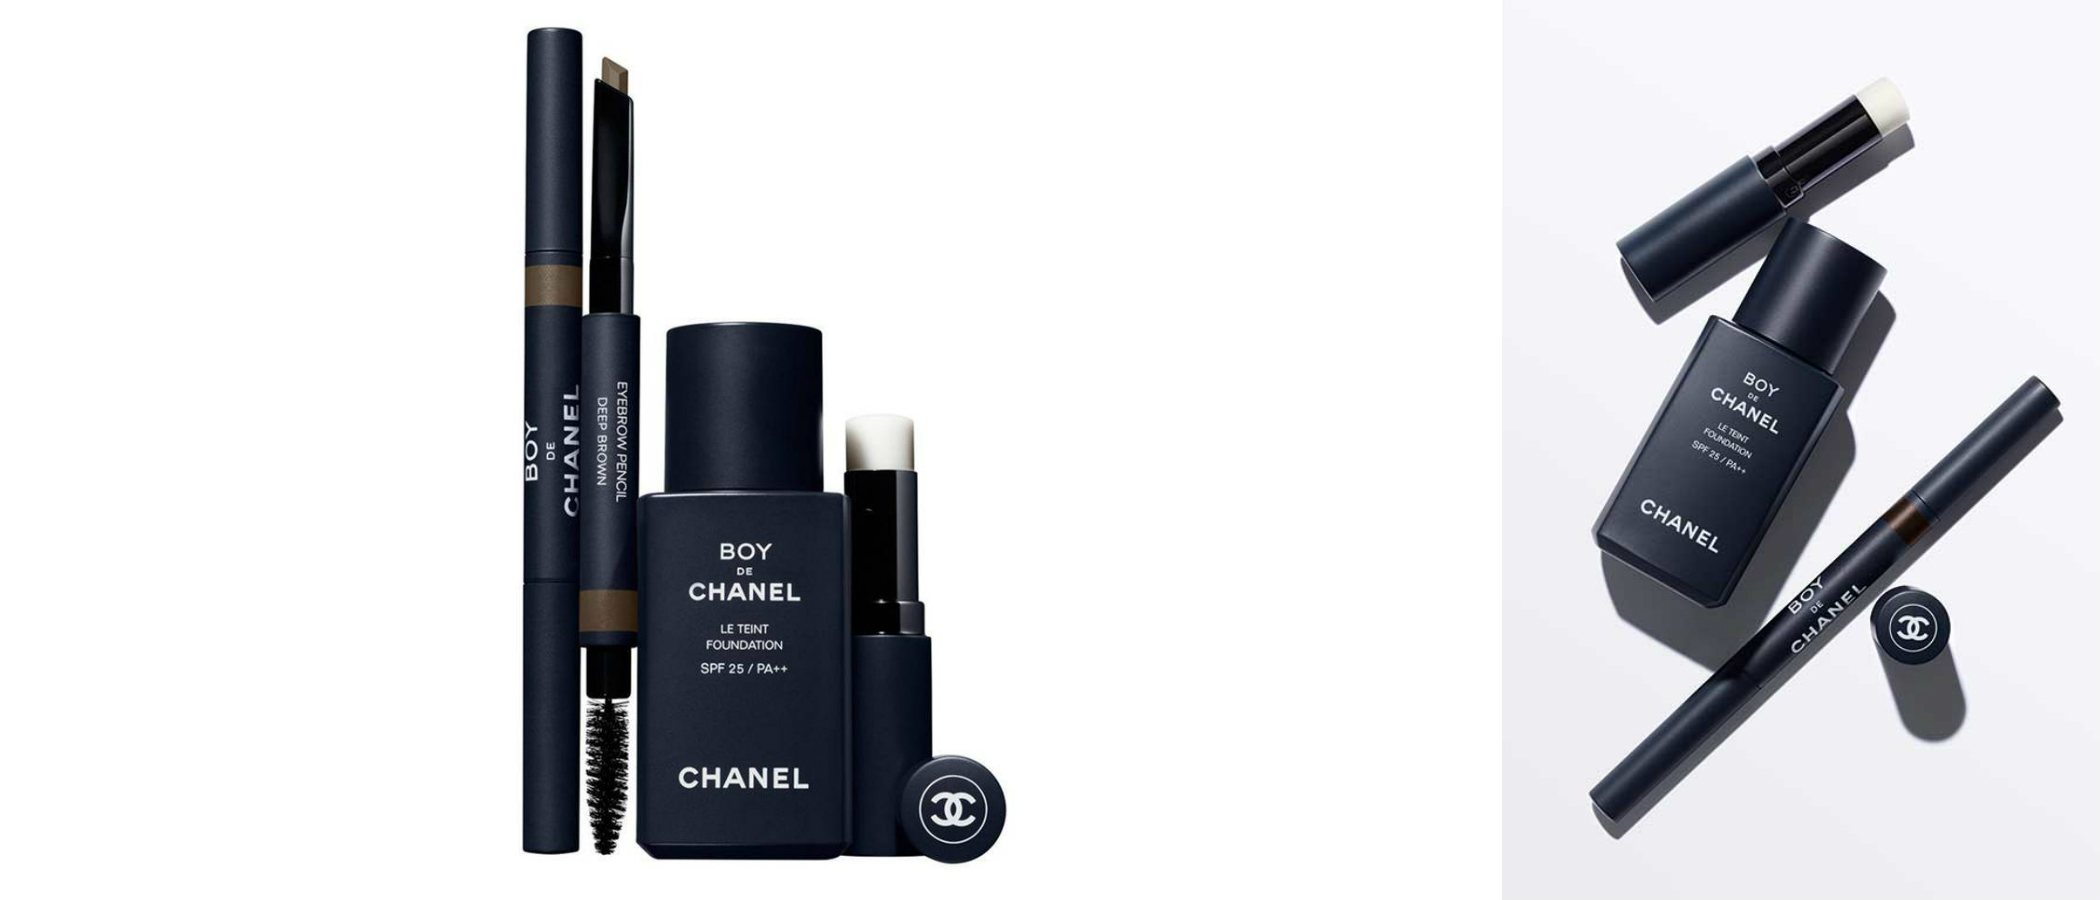 Chanel lanza 'Boy de Chanel', su primera línea de maquillaje para hombre